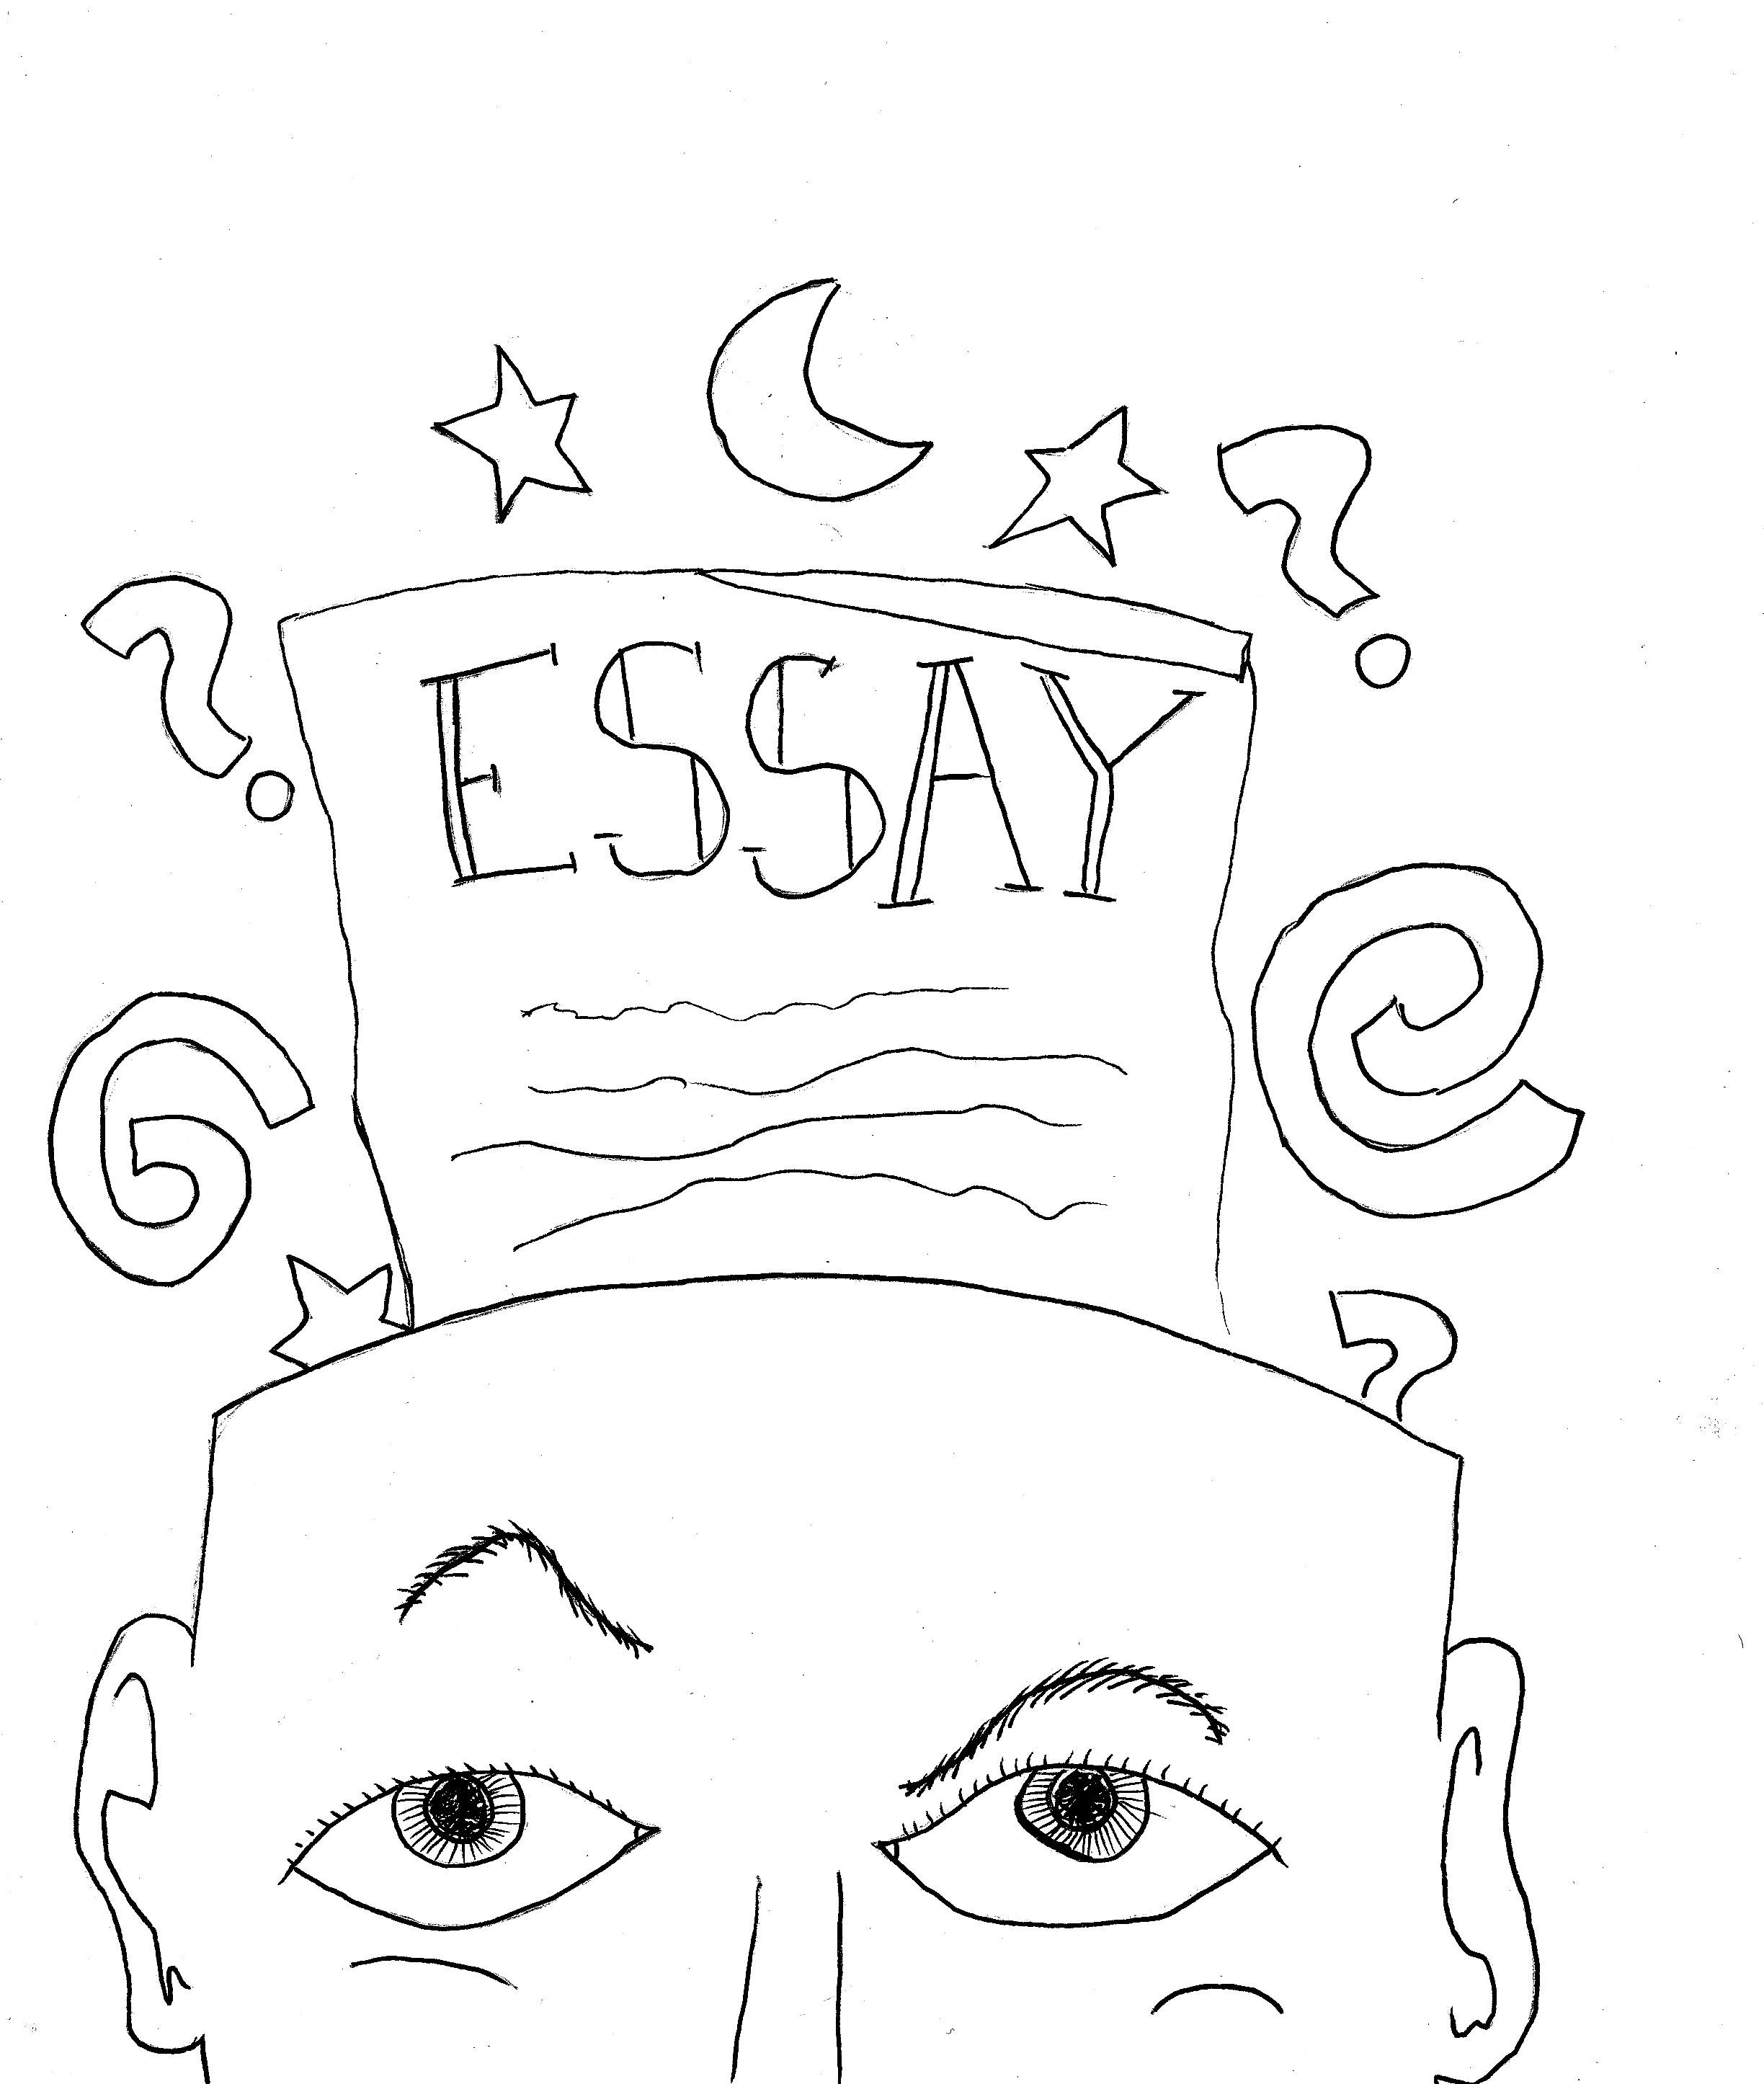 Edward Scissorhands Analysis